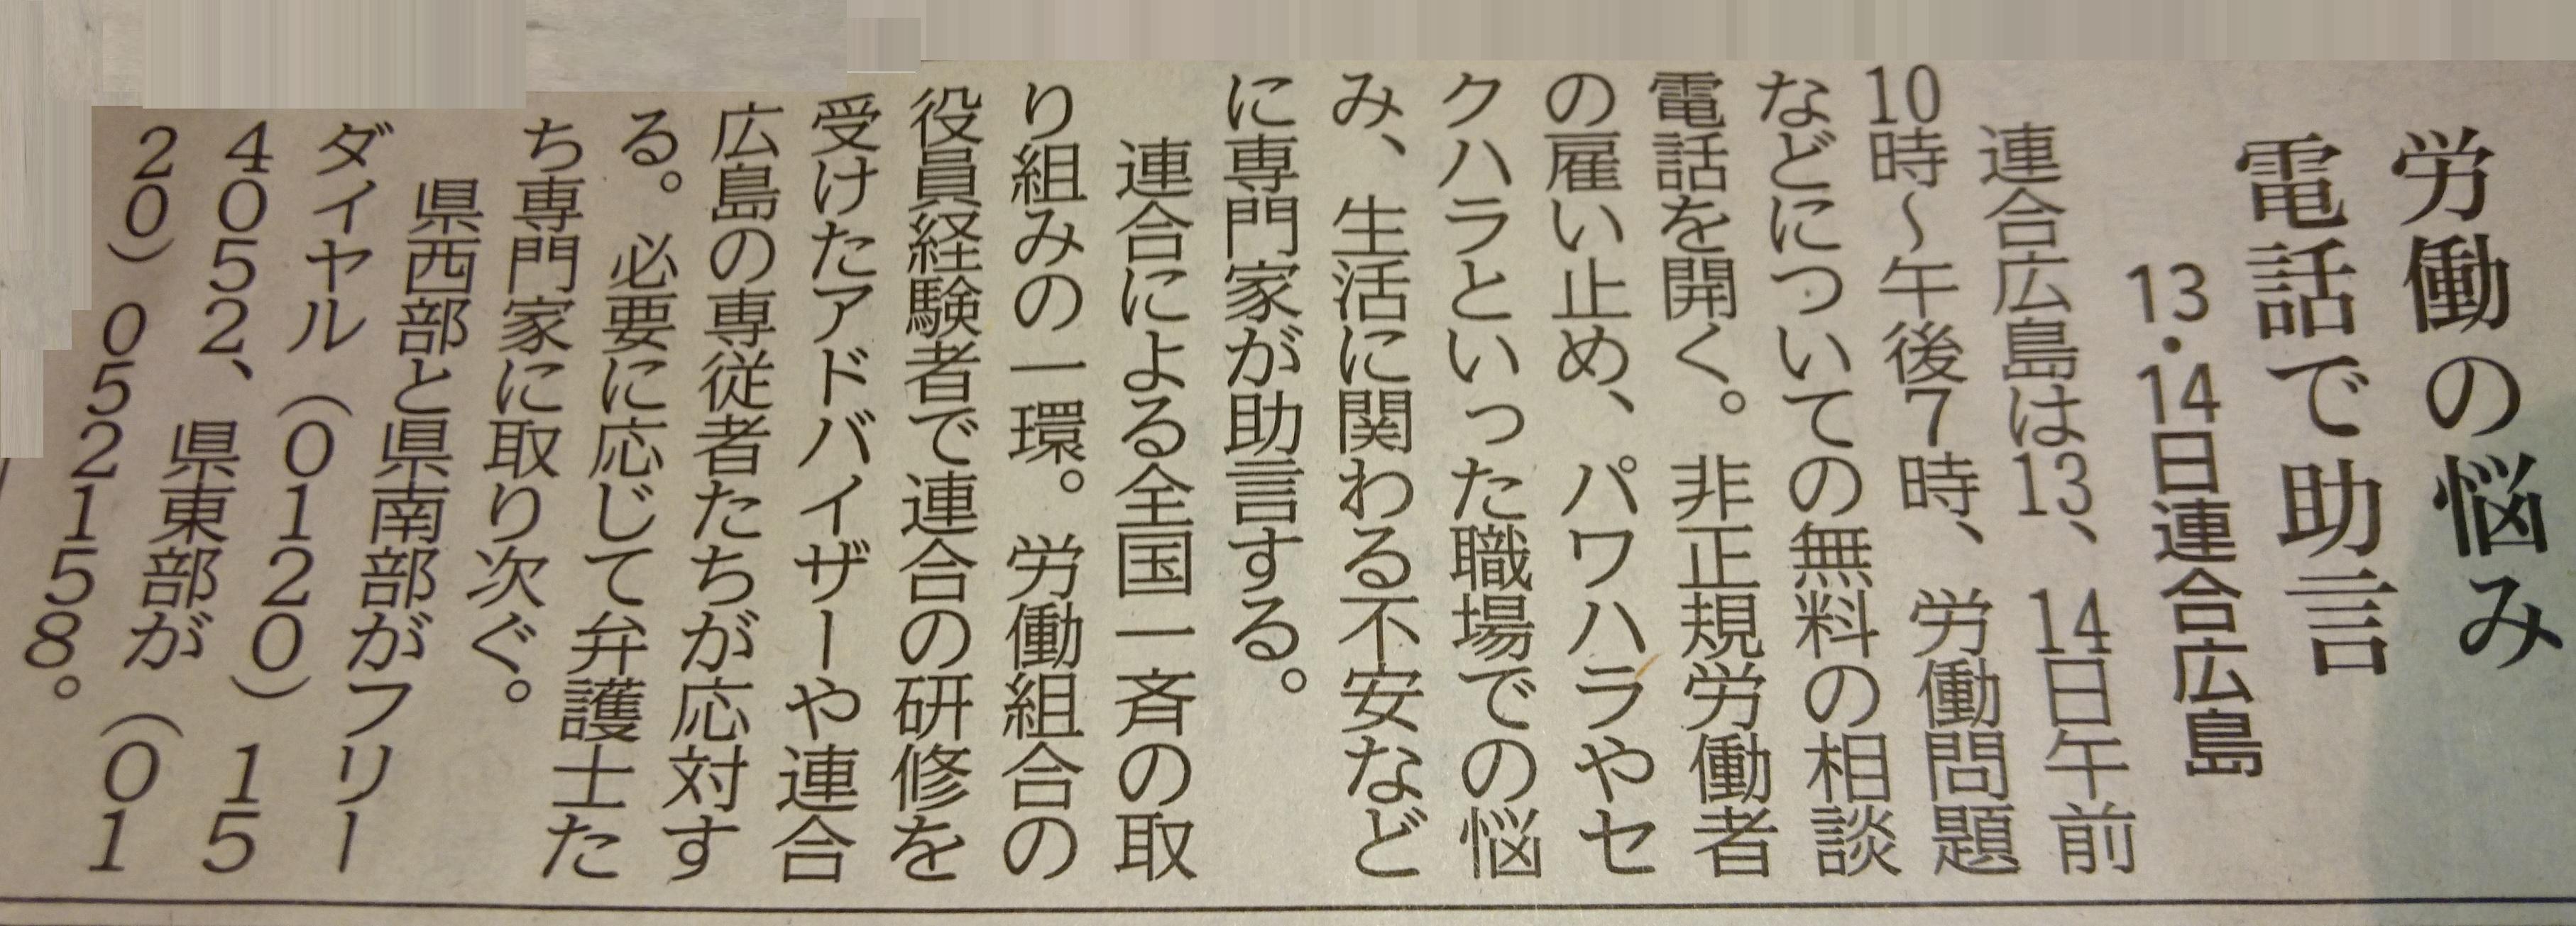 広島労働相談